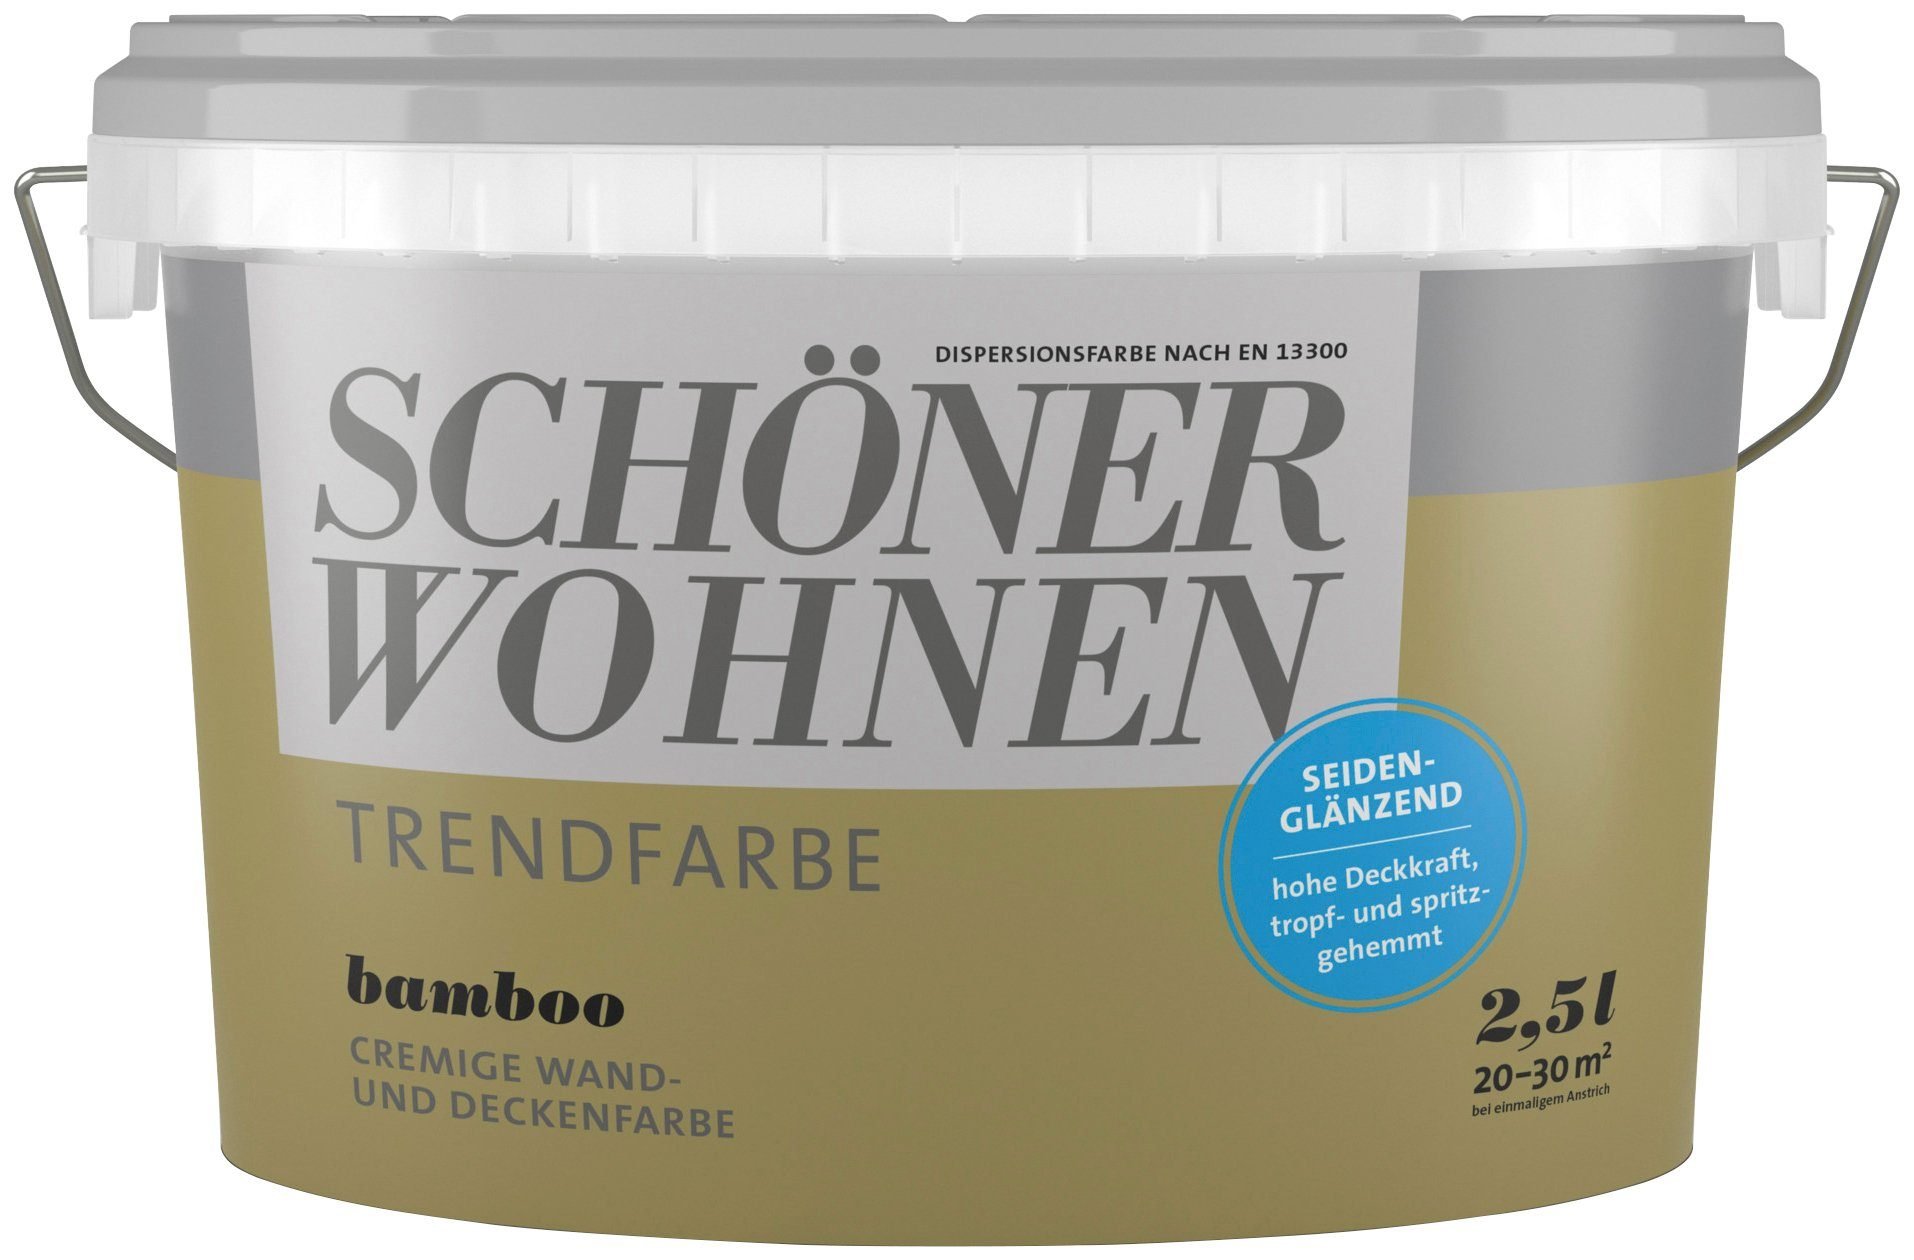 SCHÖNER WOHNEN FARBE Wand- und Deckenfarbe »Trendfarbe Bamboo, seidenglänzend«, 2,5 l